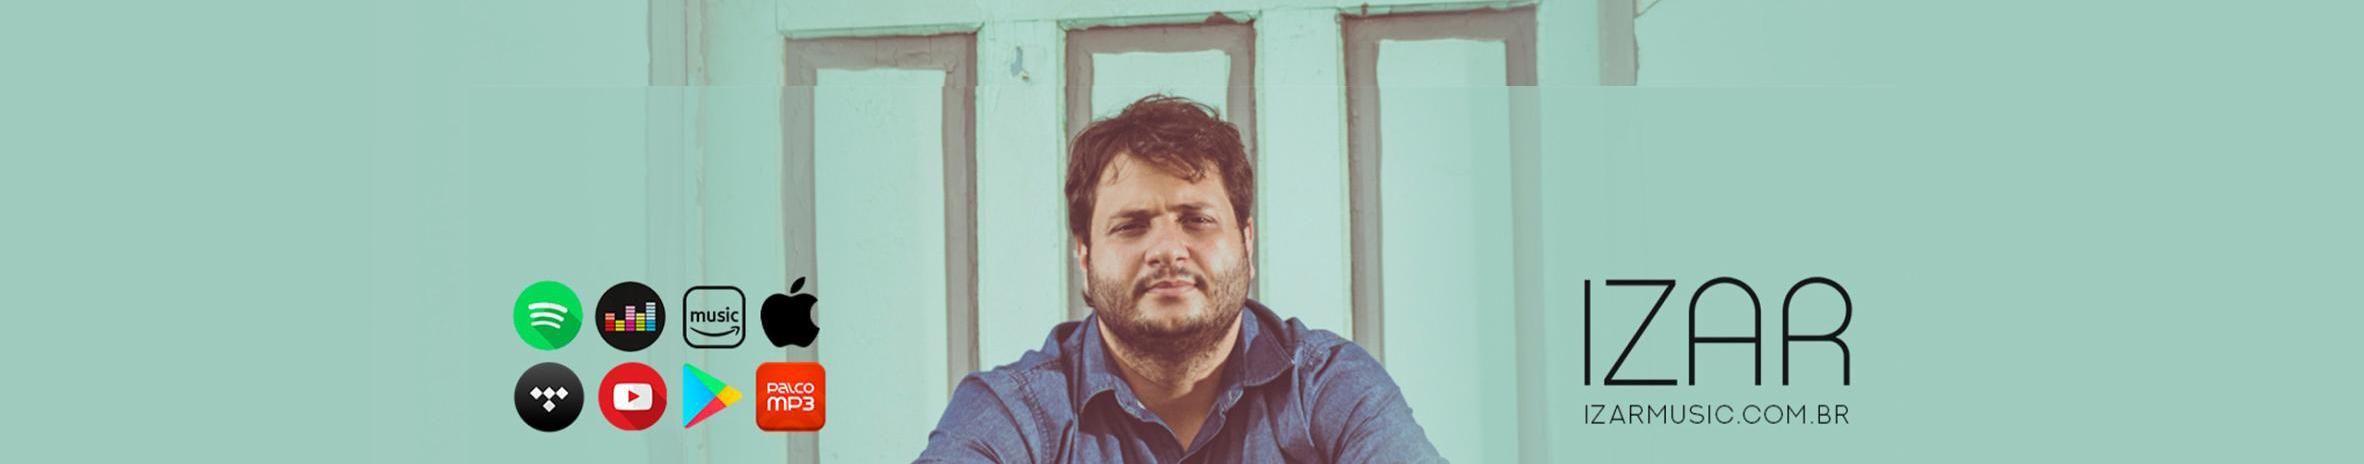 Imagem de capa de Izar